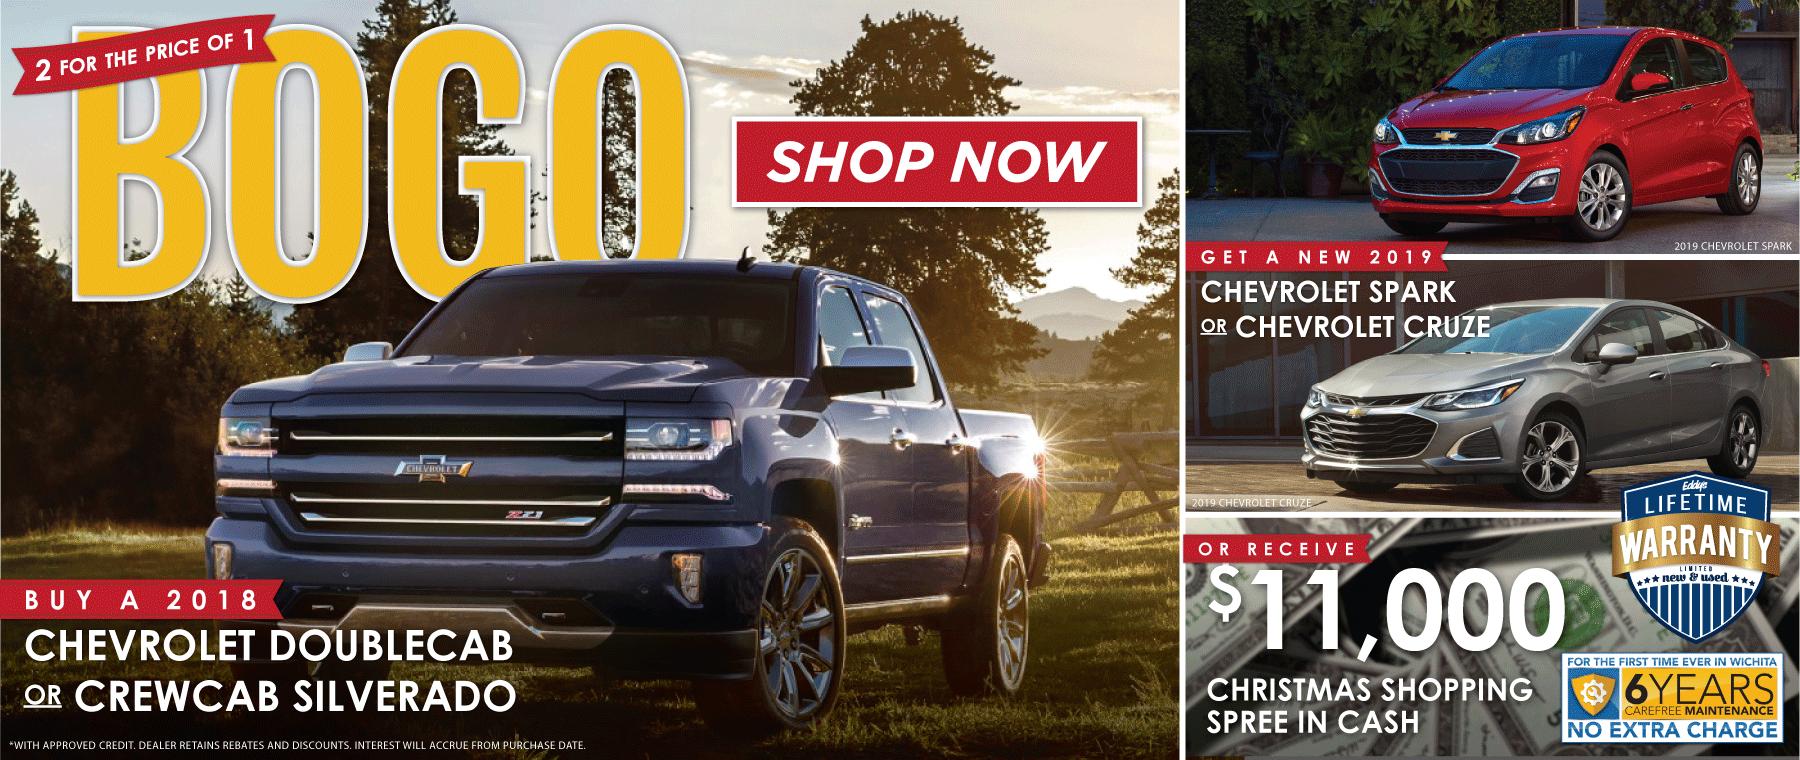 Eddyu0027s Chevrolet Cadillac | Chevrolet, Cadillac Dealer In Wichita, KS